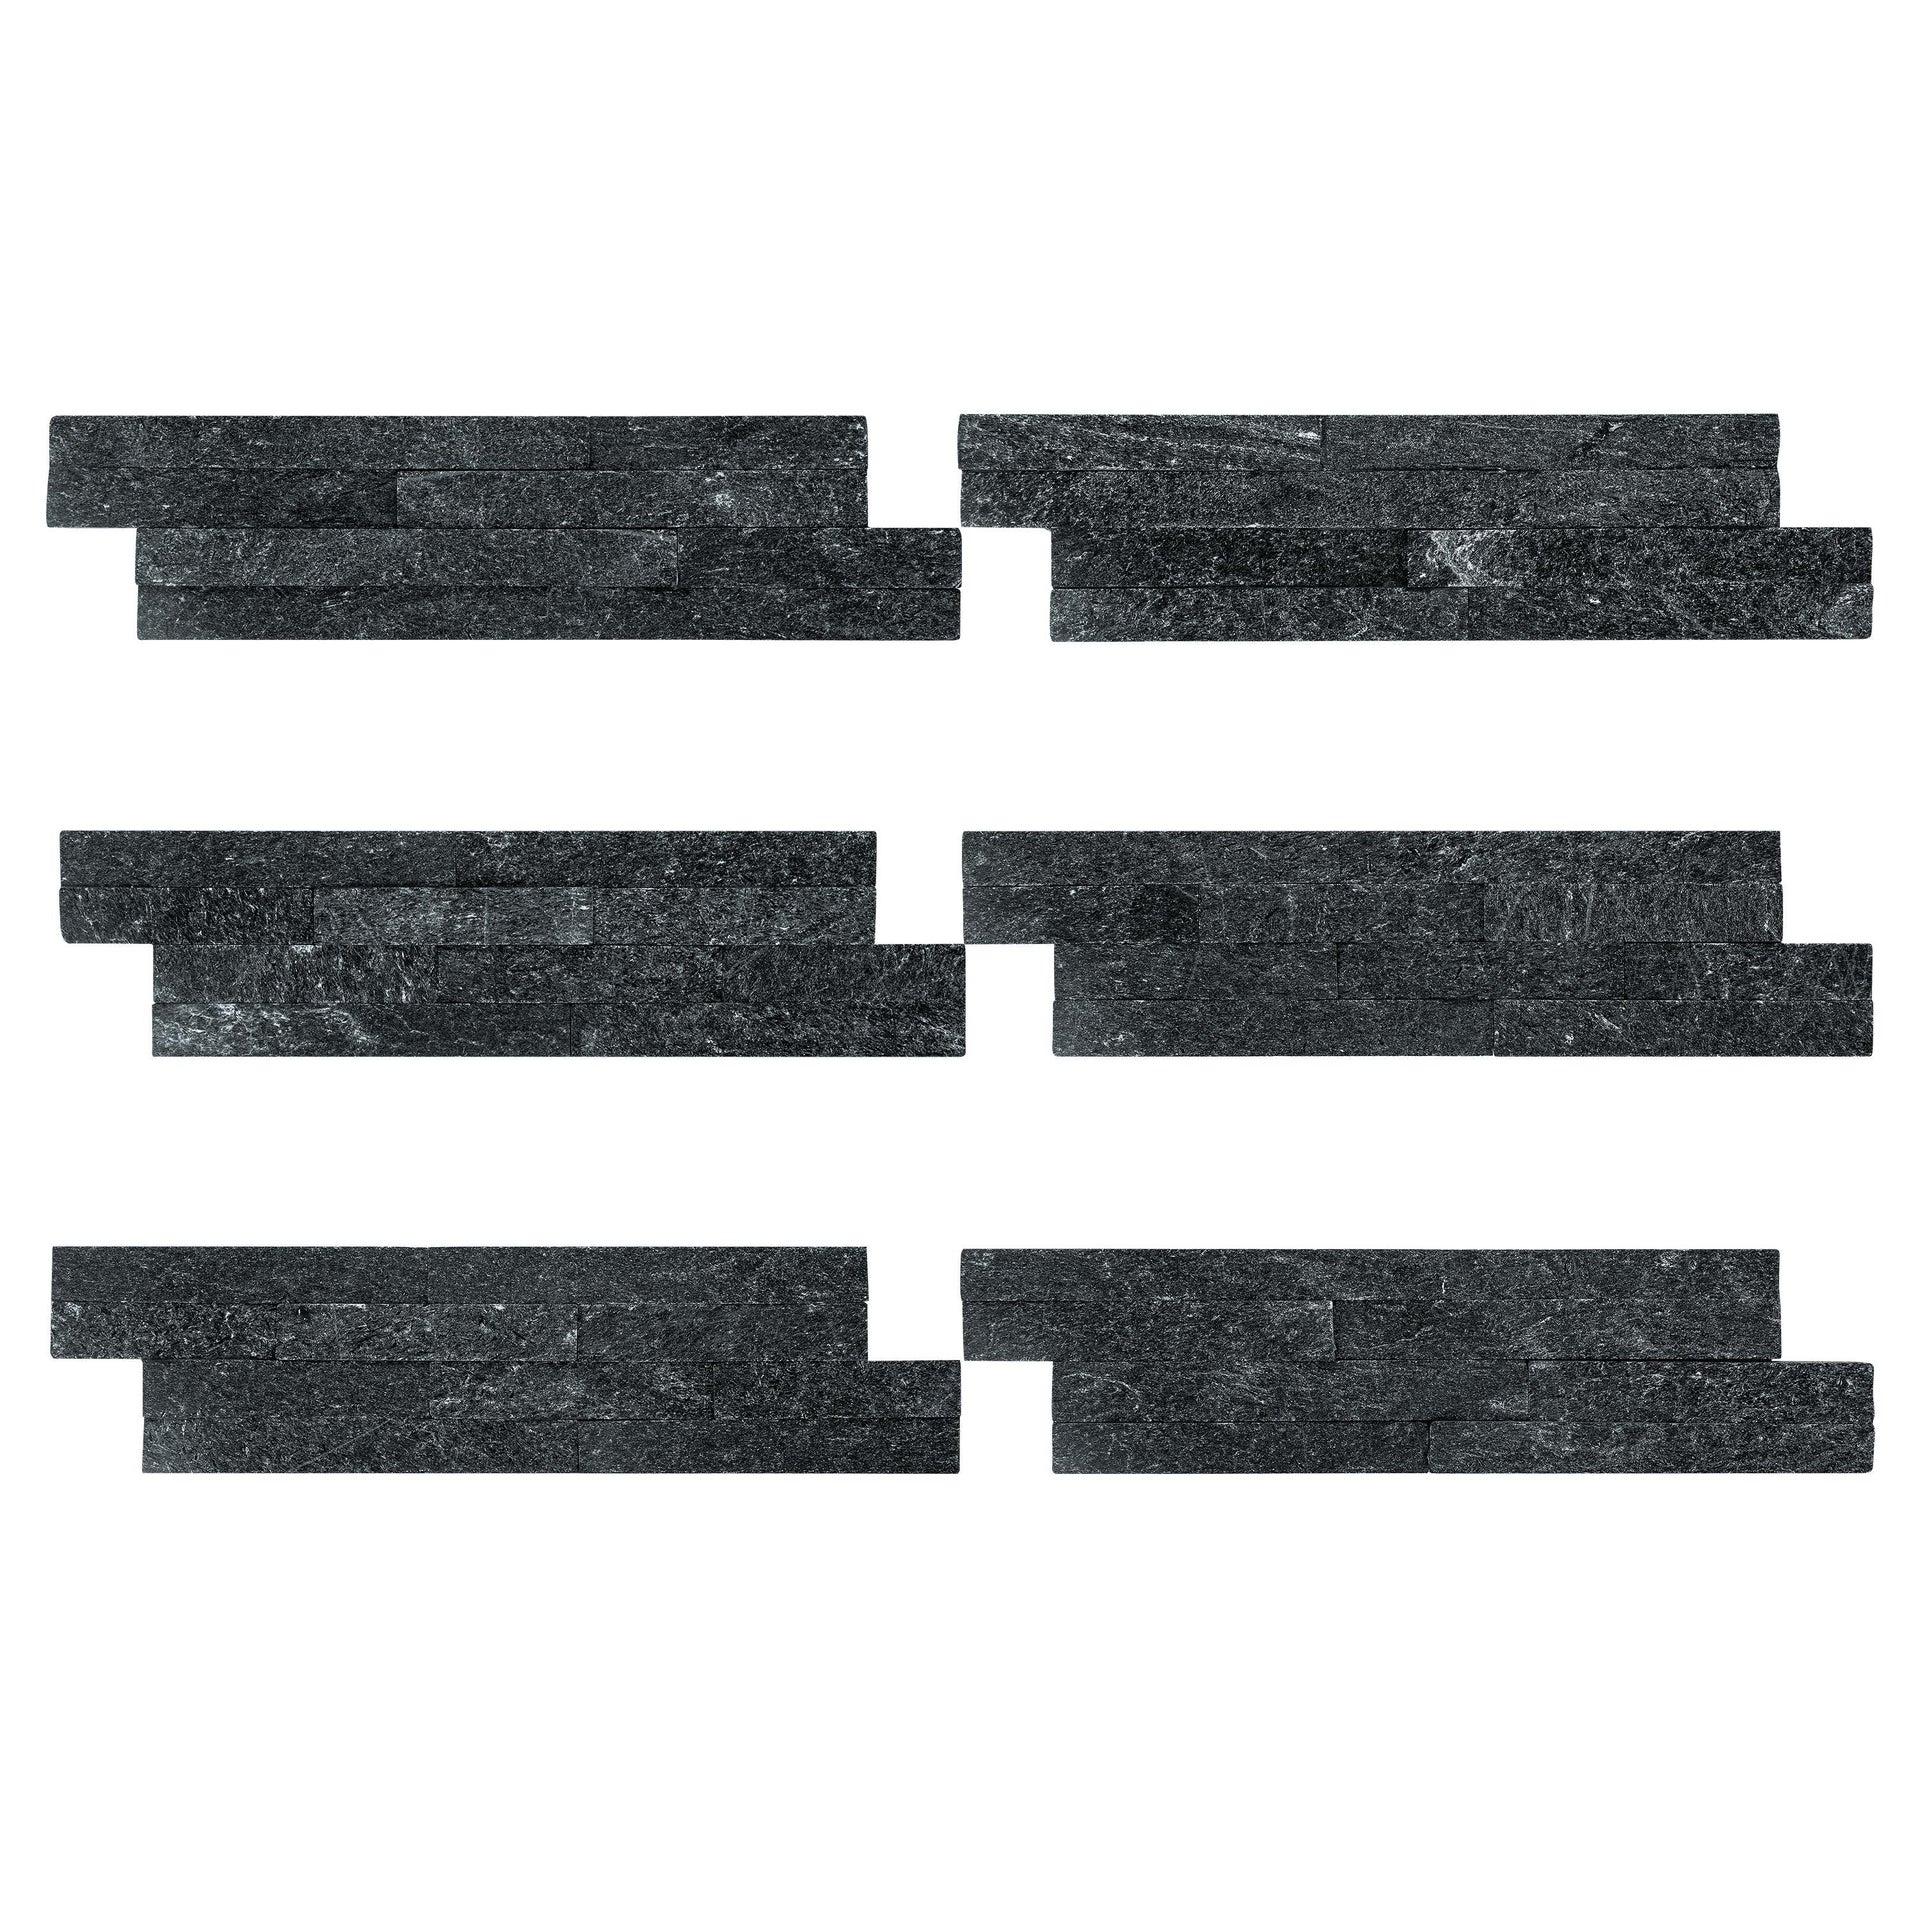 Rivestimenti strutturati Mikeno nero - 7